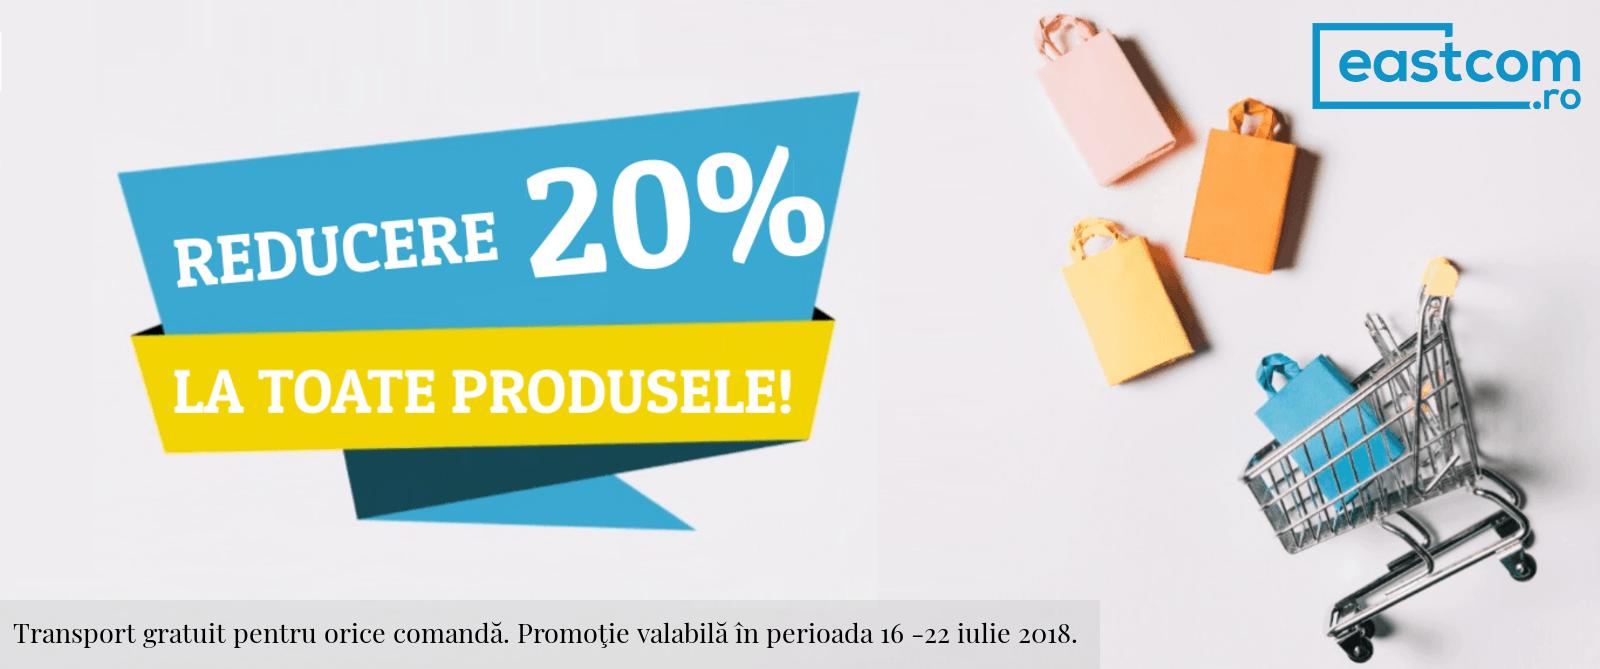 Reducere 20% la toate produsele